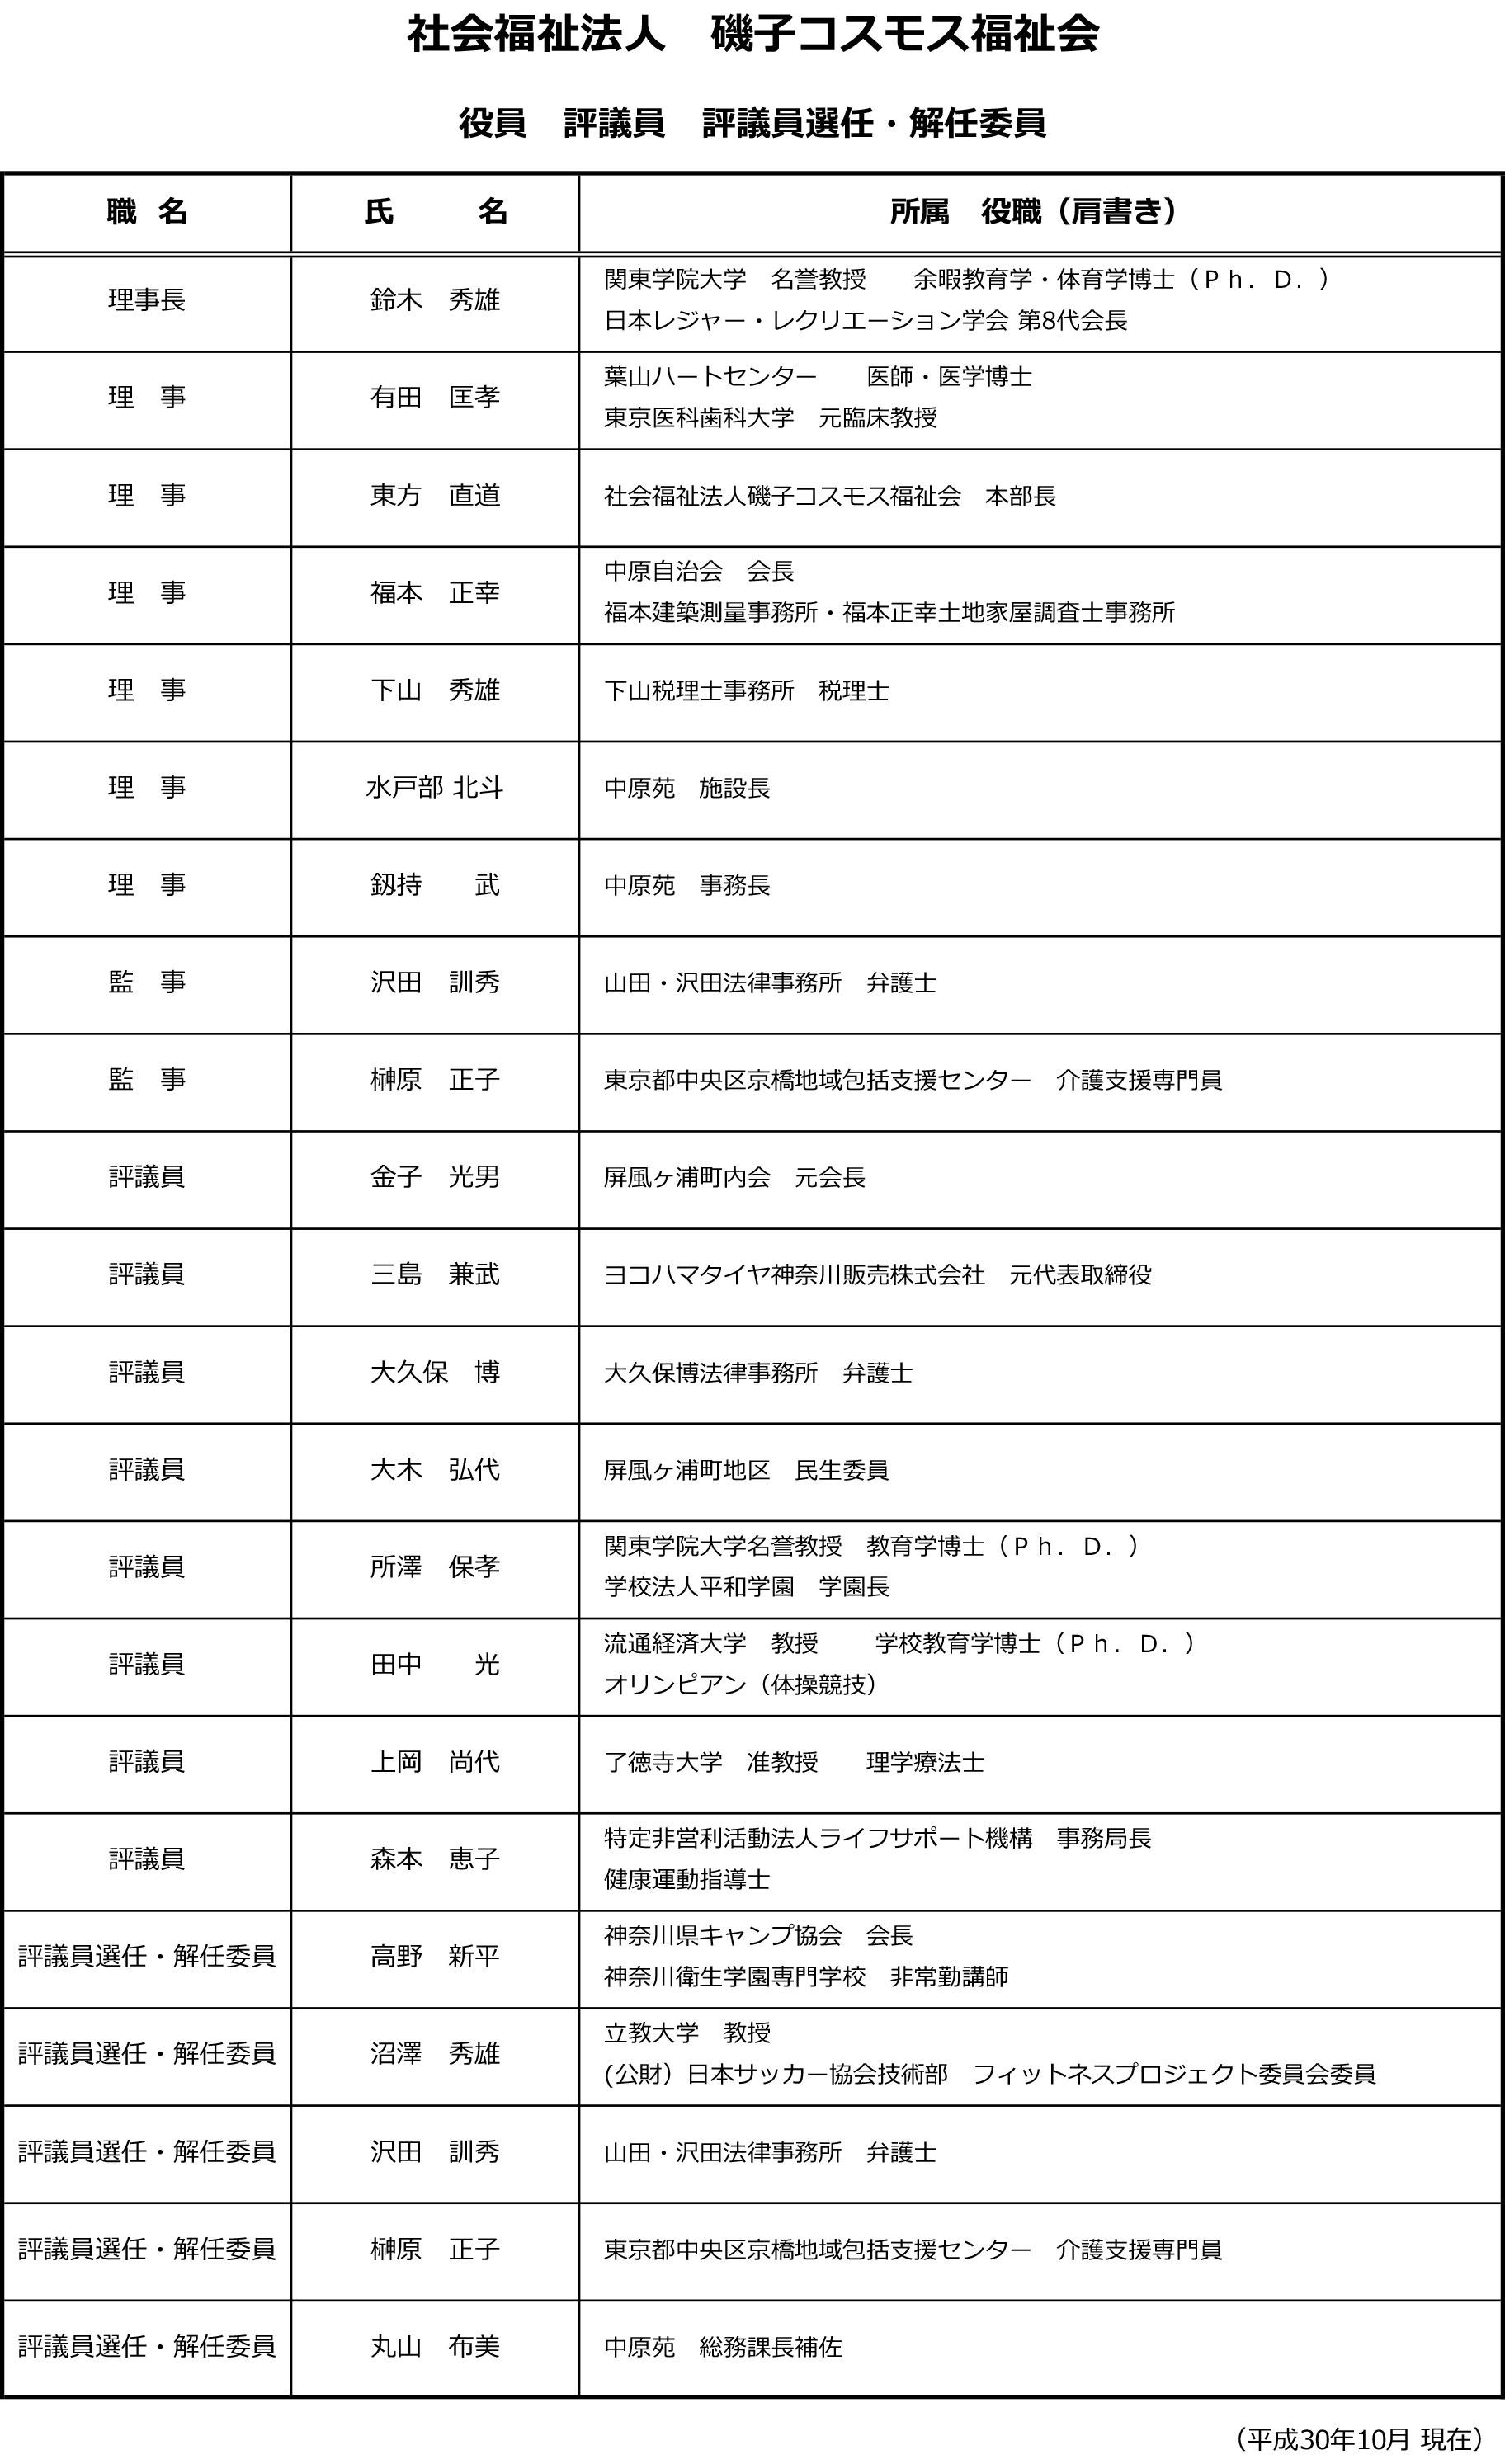 ■法人役員名簿20181031